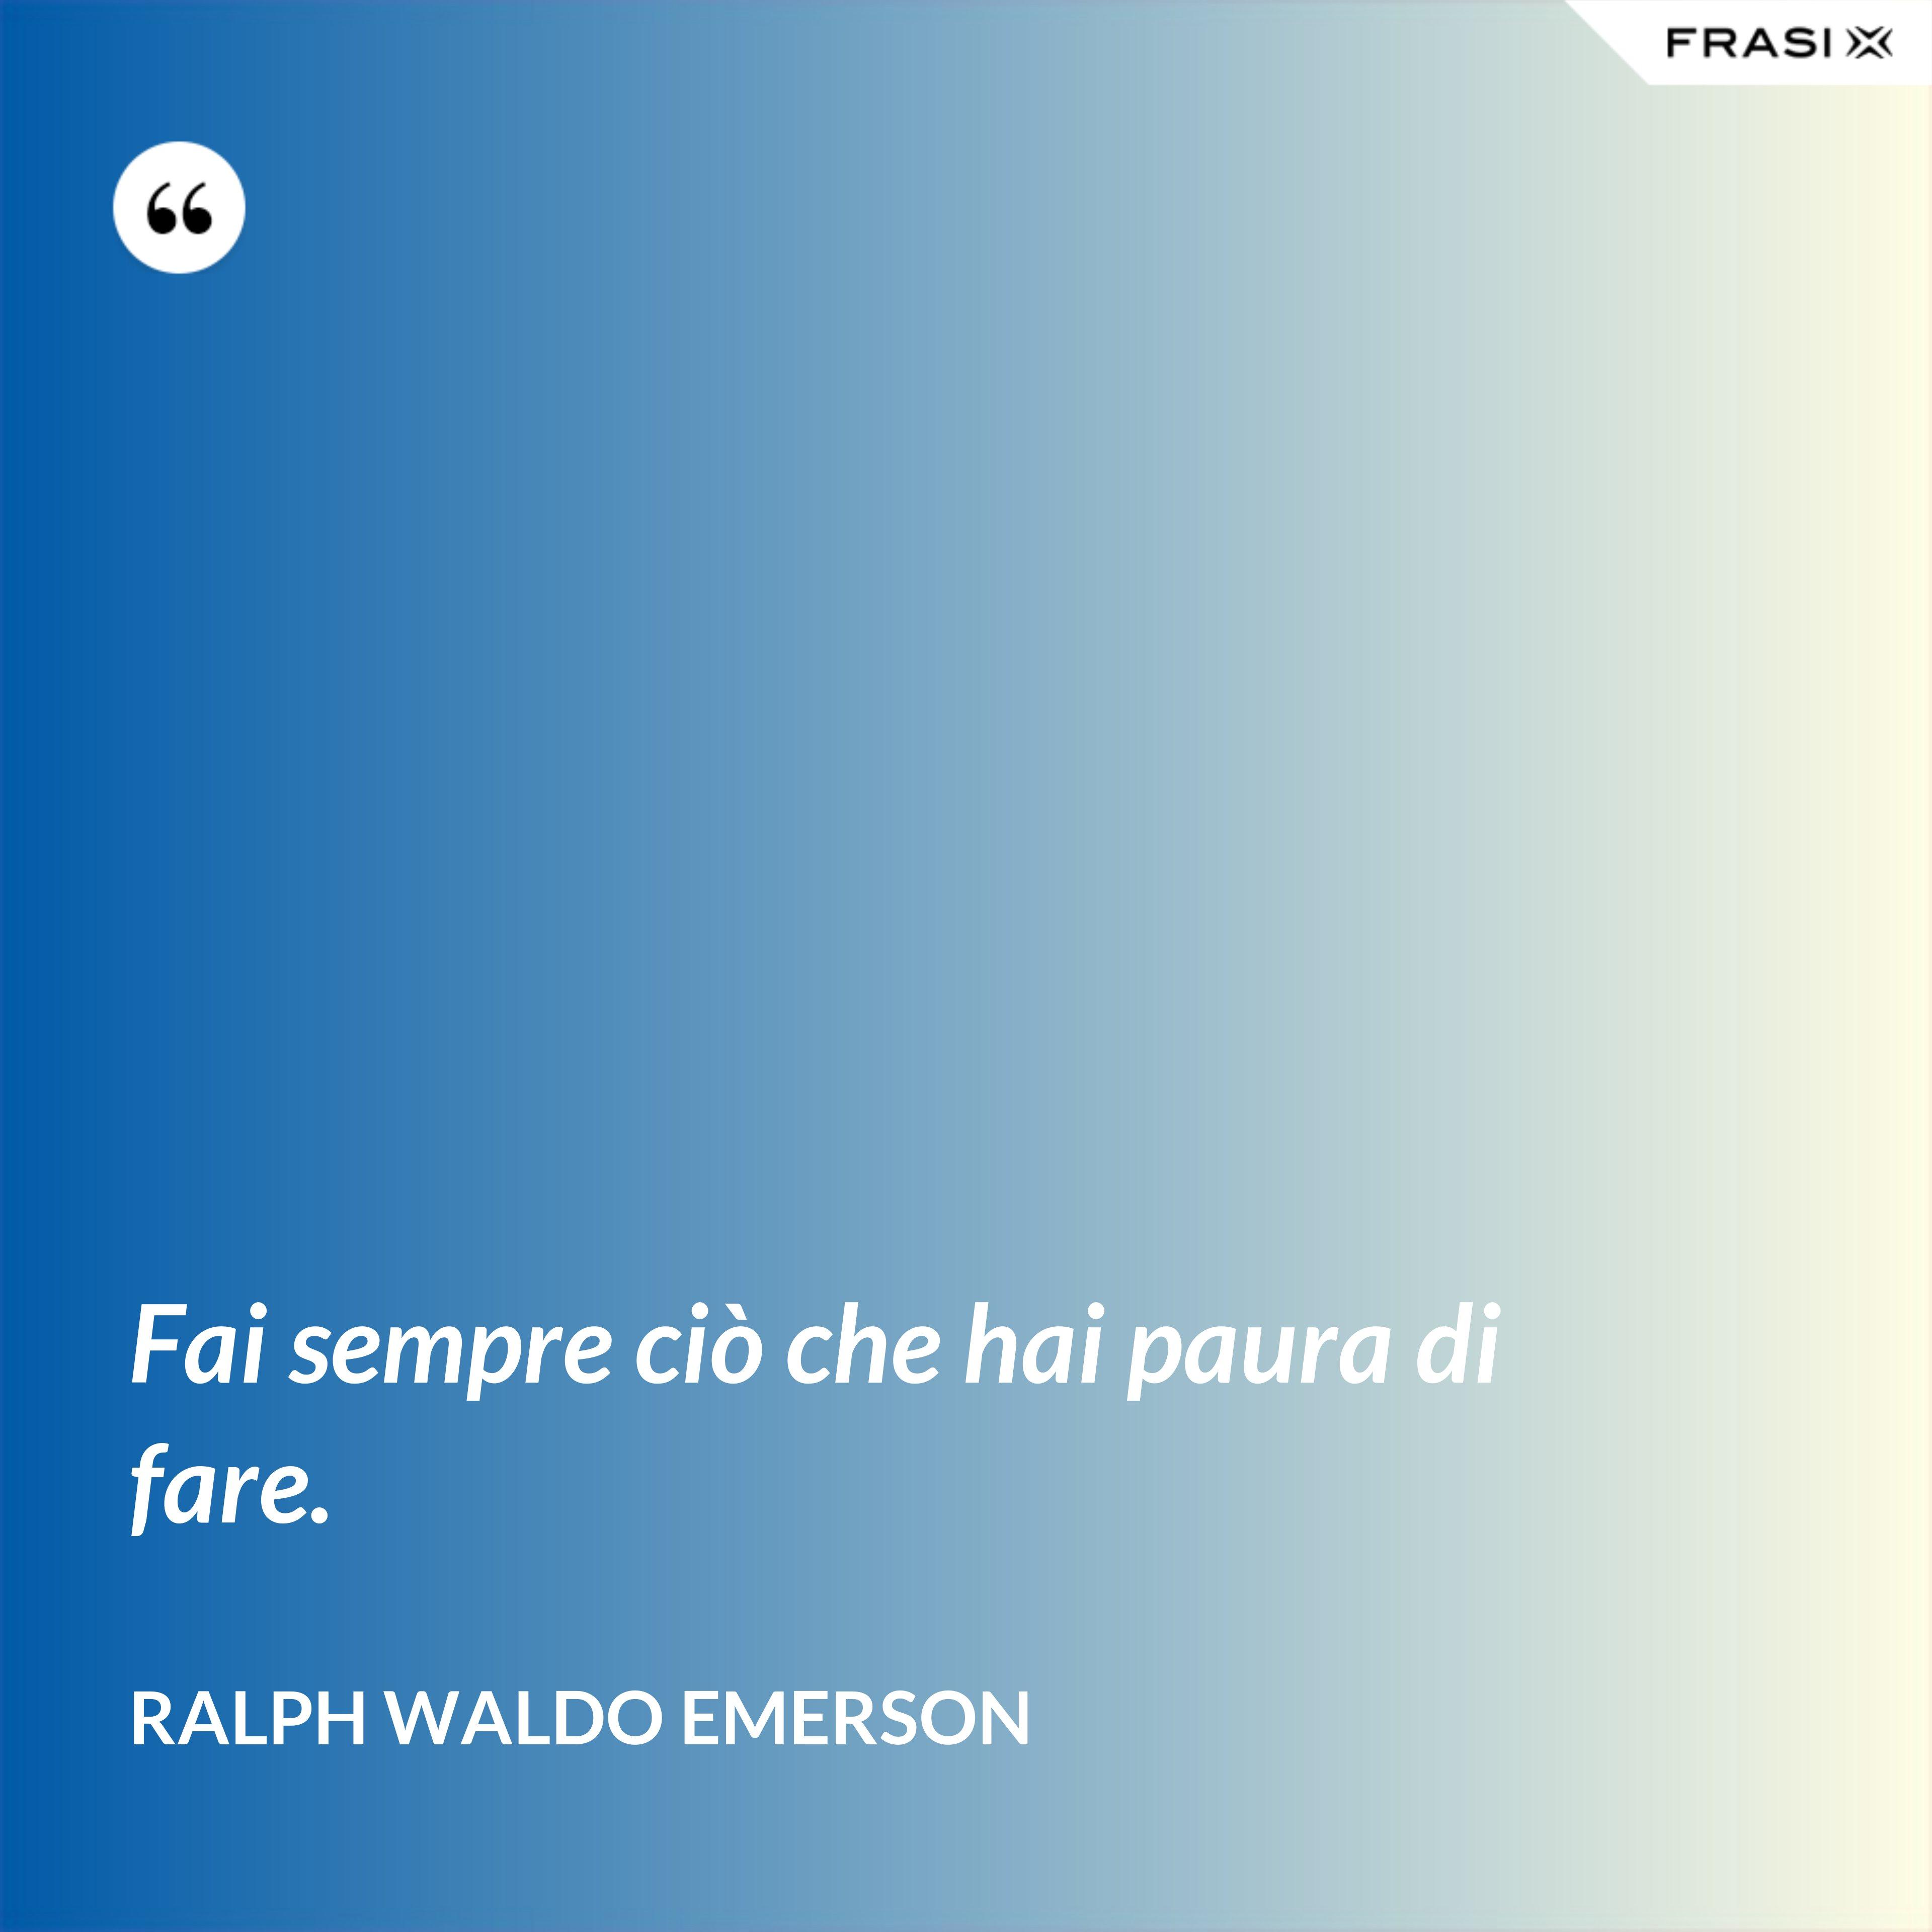 Fai sempre ciò che hai paura di fare. - Ralph Waldo Emerson